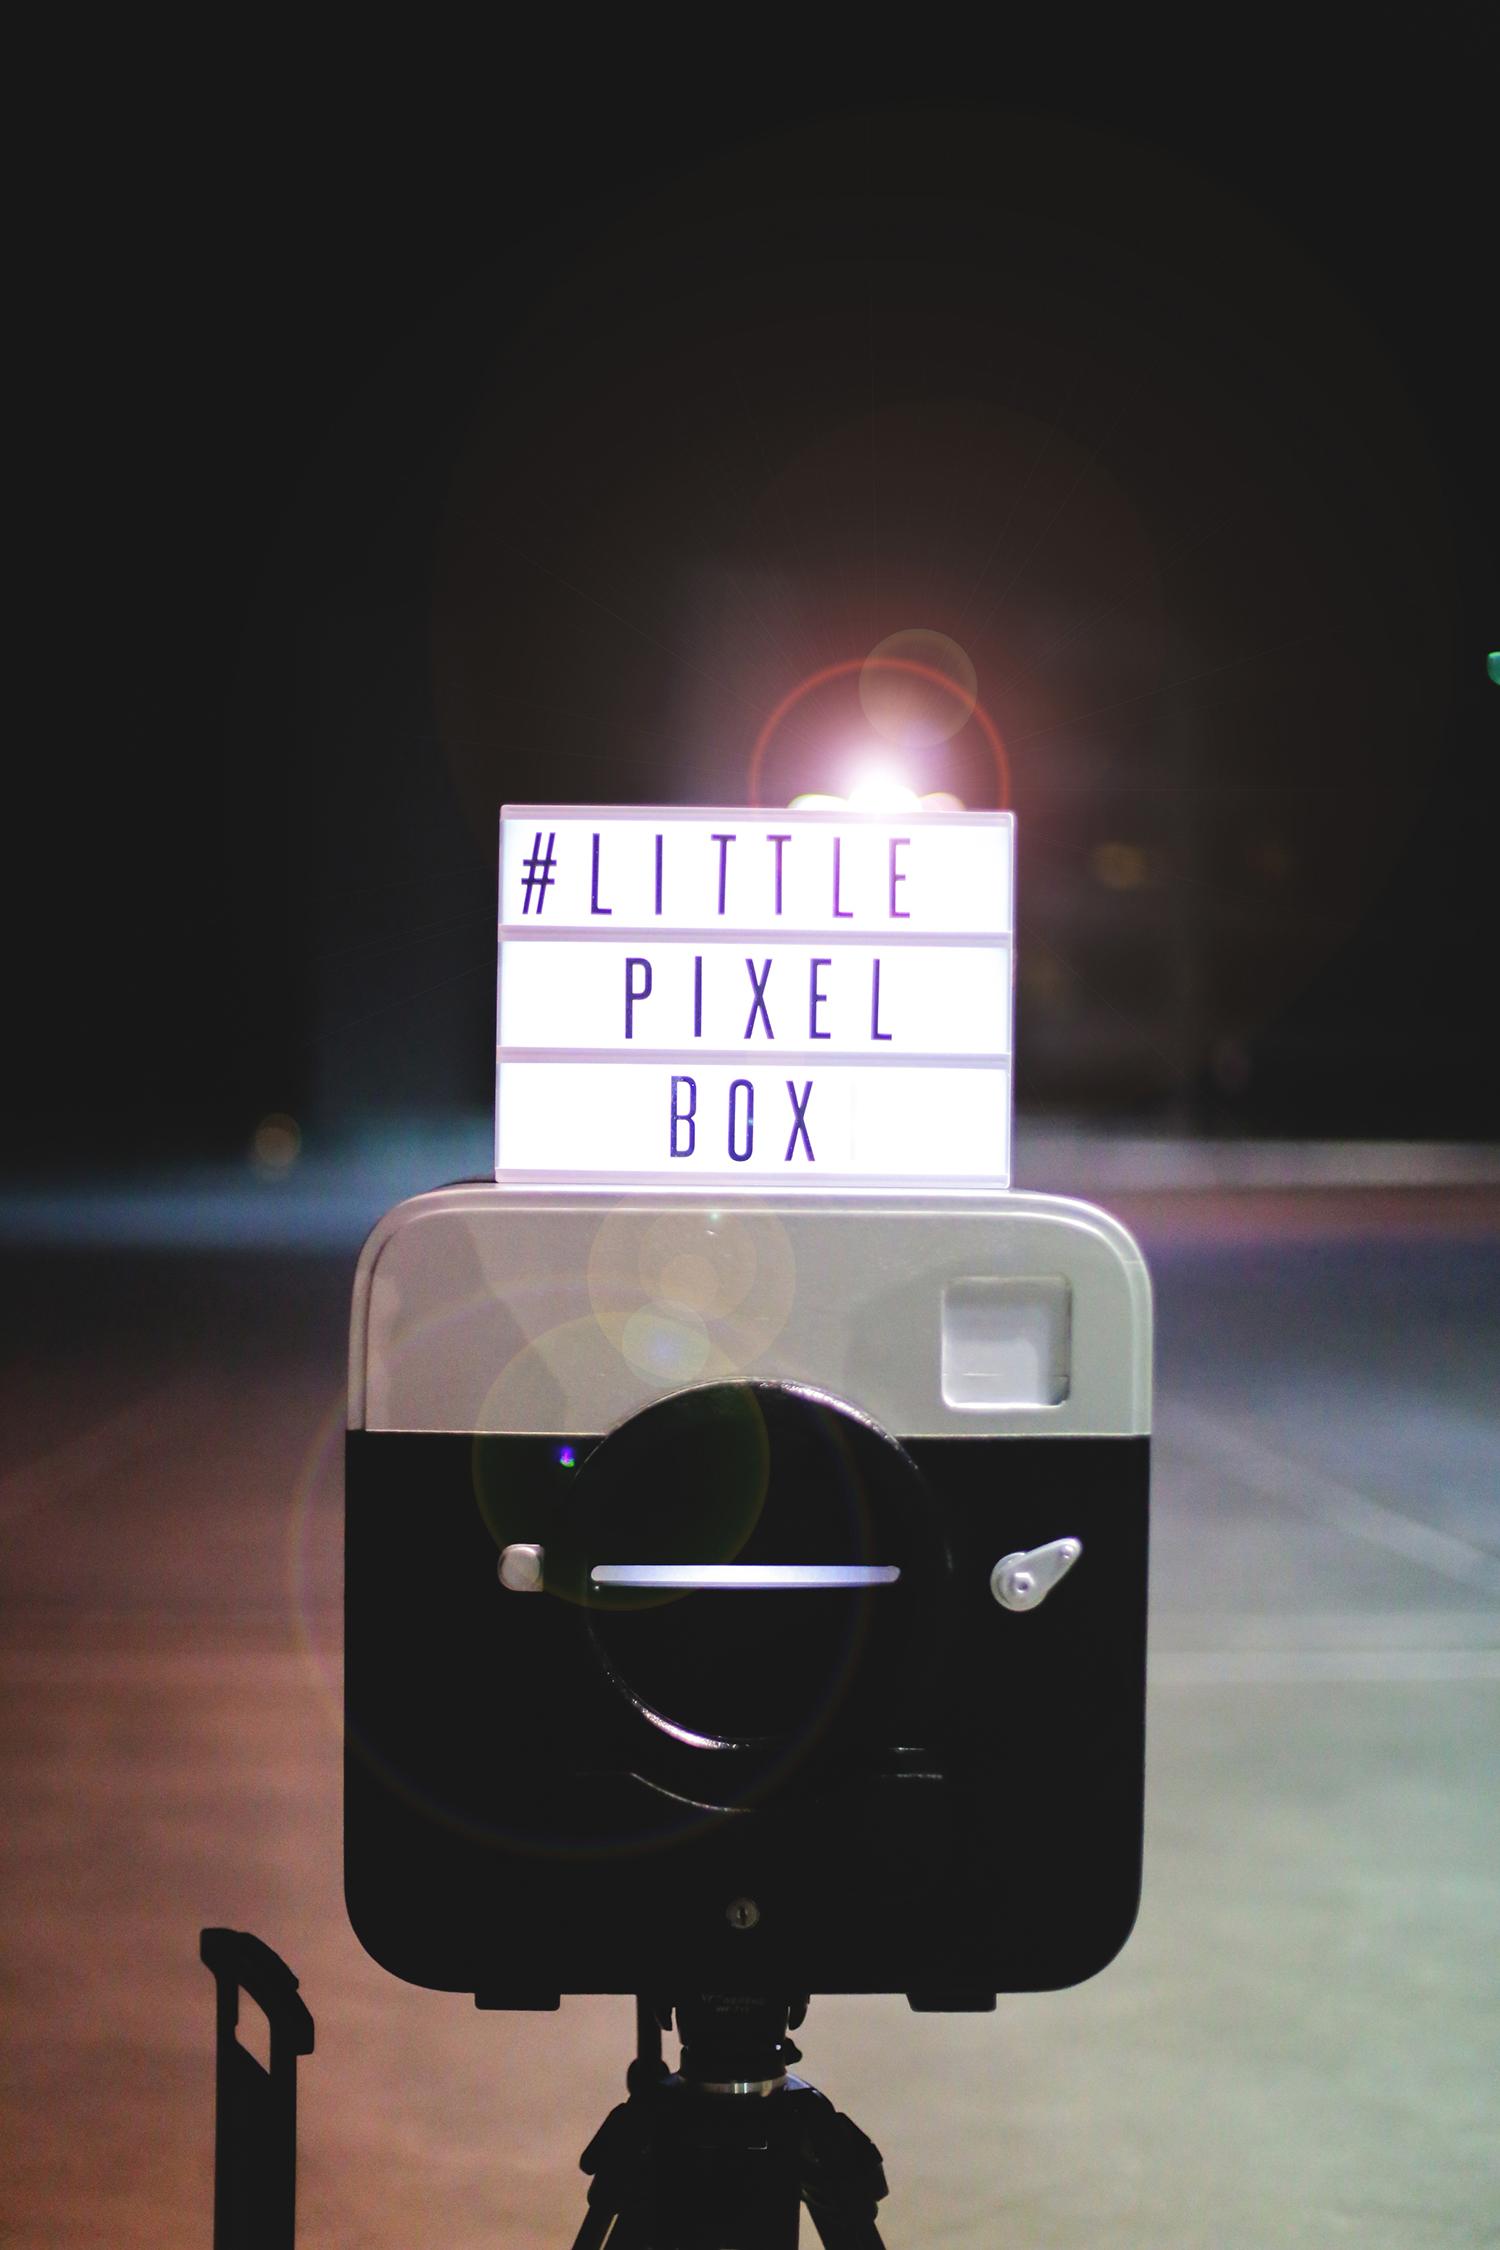 Littlepixelbox